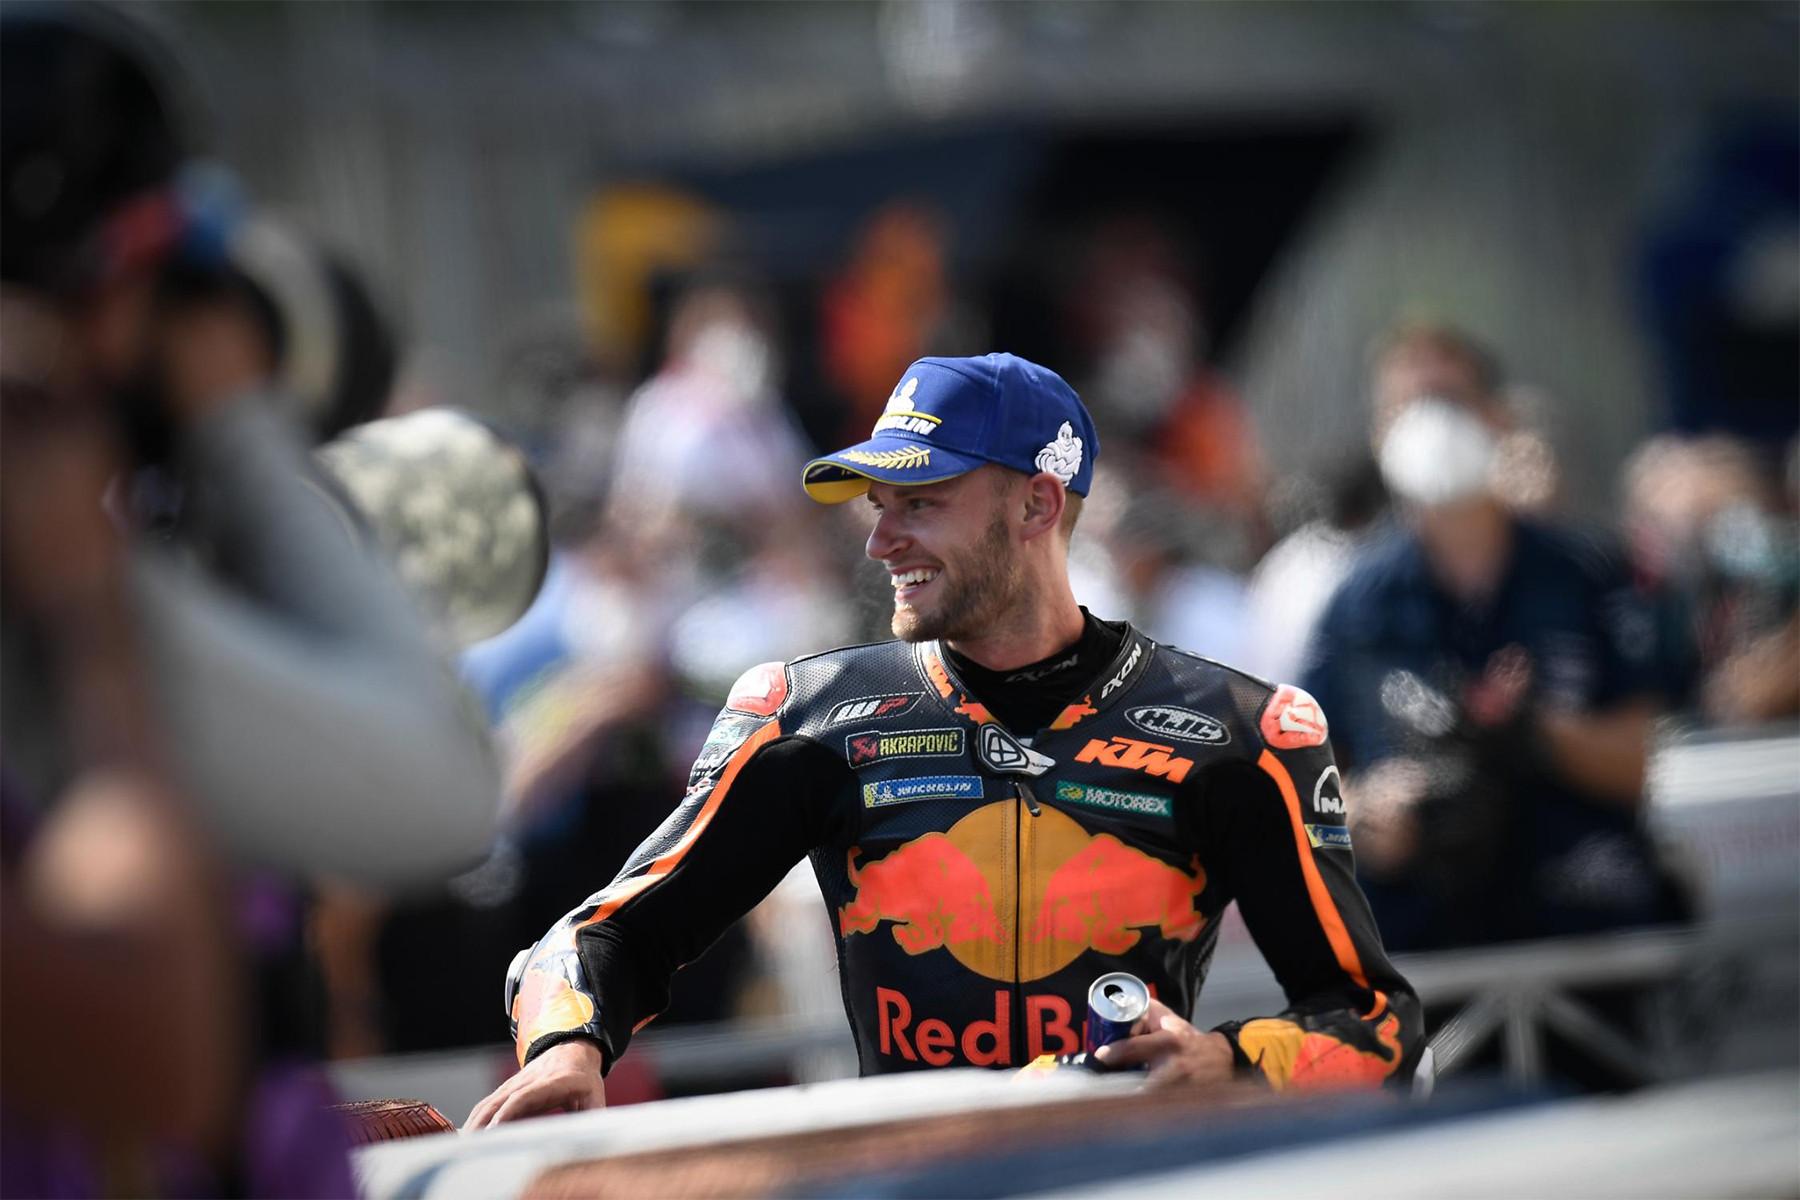 Dramatis, Brad Binder Paling Kencang di FP2 MotoGP Emilia Romagna - JPNN.com